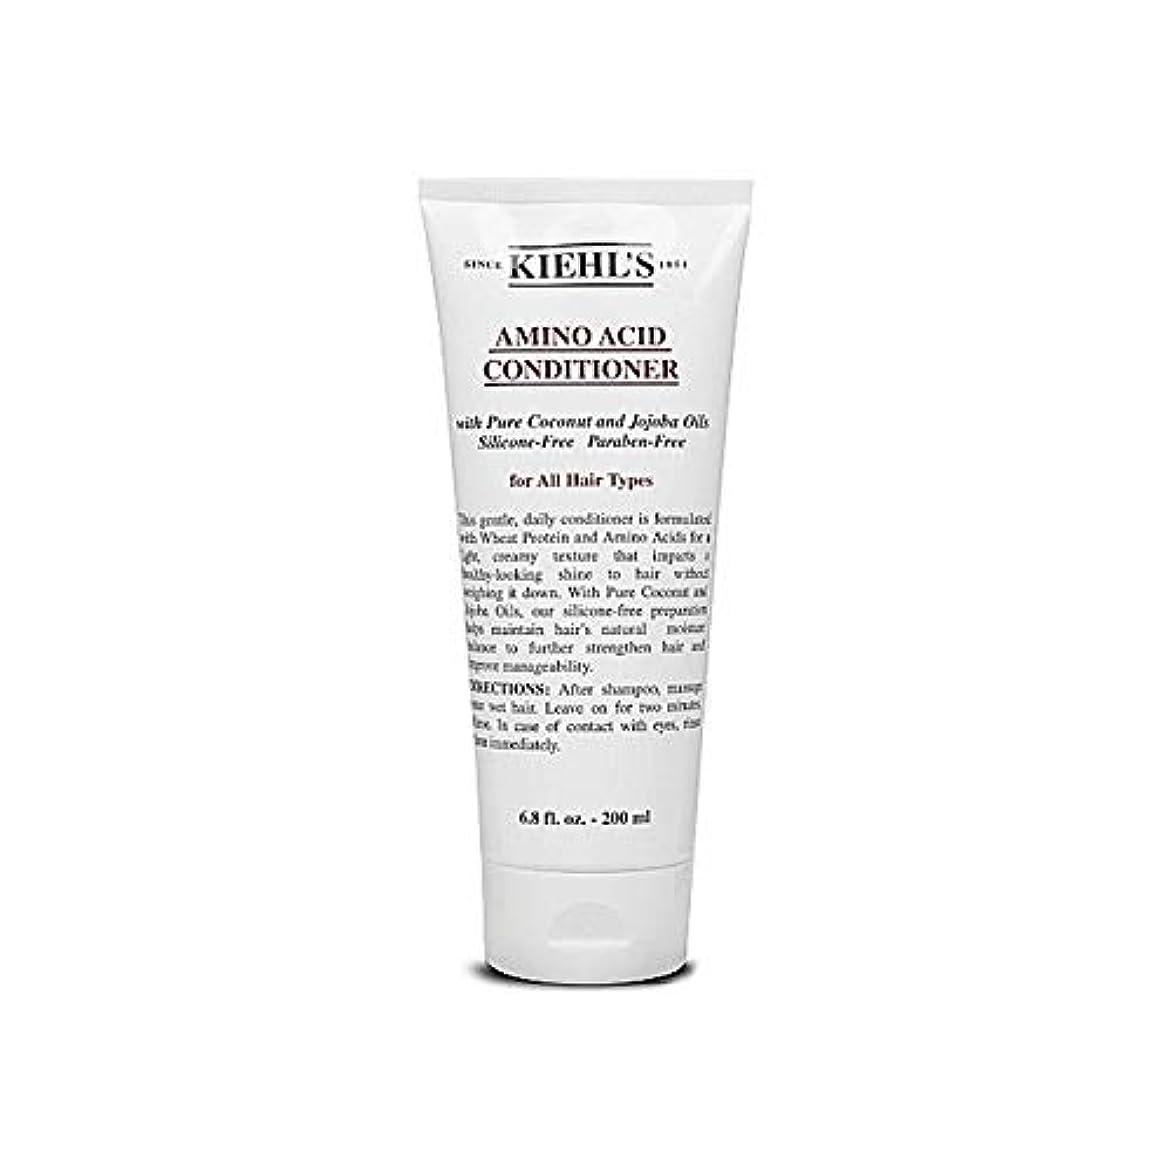 ハードウェア国籍投獄[Kiehl's ] キールズアミノ酸コンディショナー250Ml - Kiehl's Amino Acid Conditioner 250ml [並行輸入品]